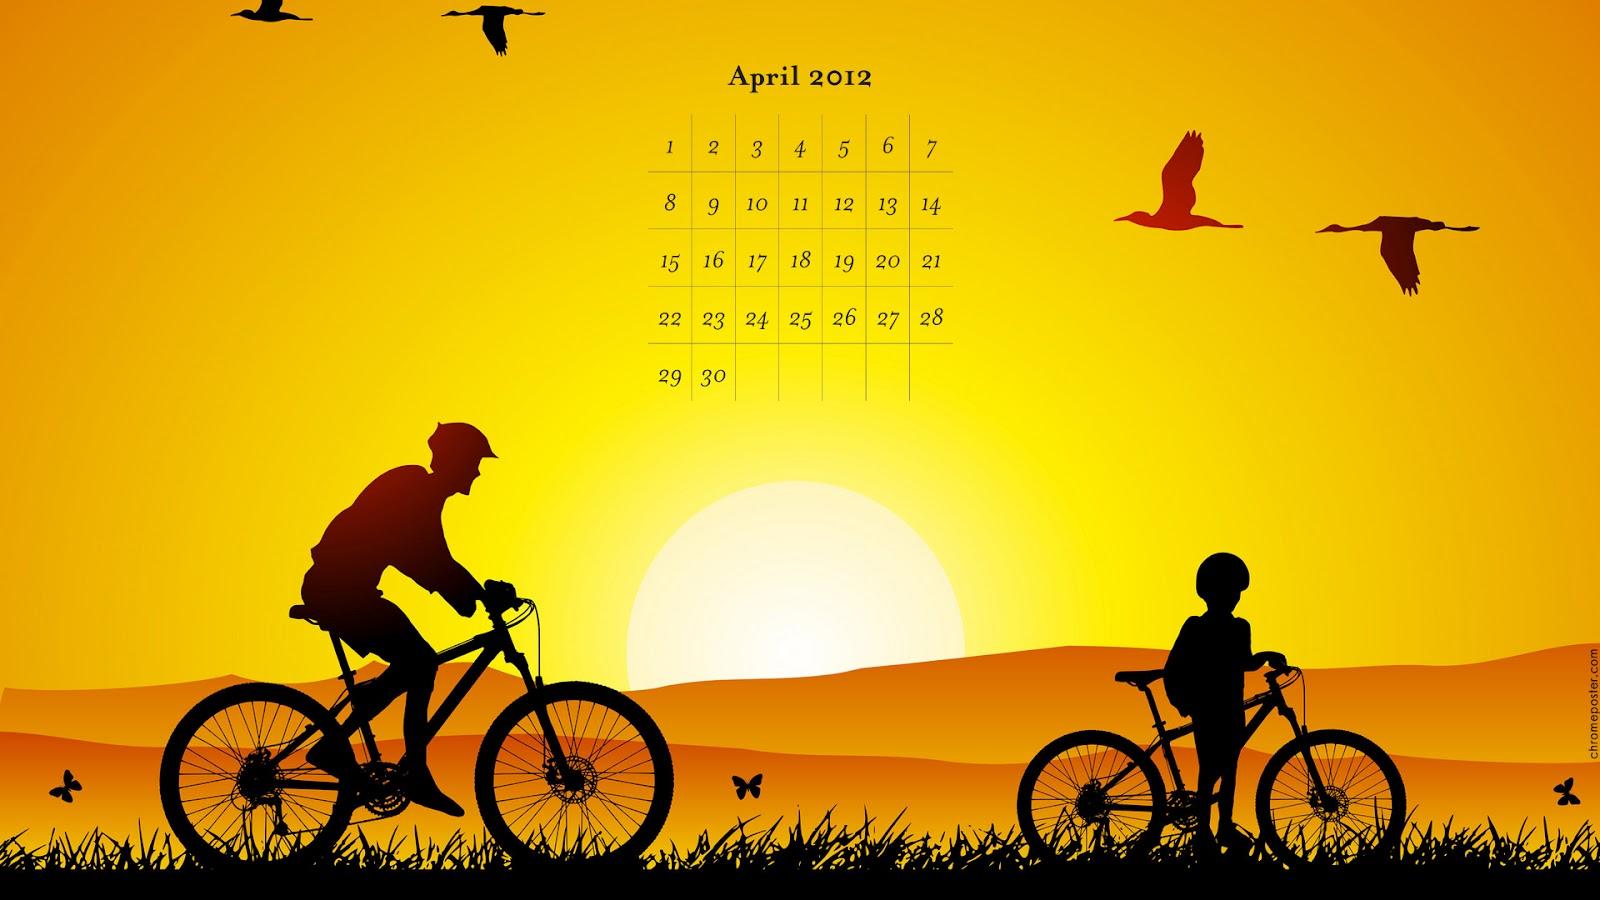 http://1.bp.blogspot.com/-DRF1oKl-E24/T3SLlW32KpI/AAAAAAAAGh8/AlcGAtU_snA/s1600/cyclist-1920-x-1080.jpg